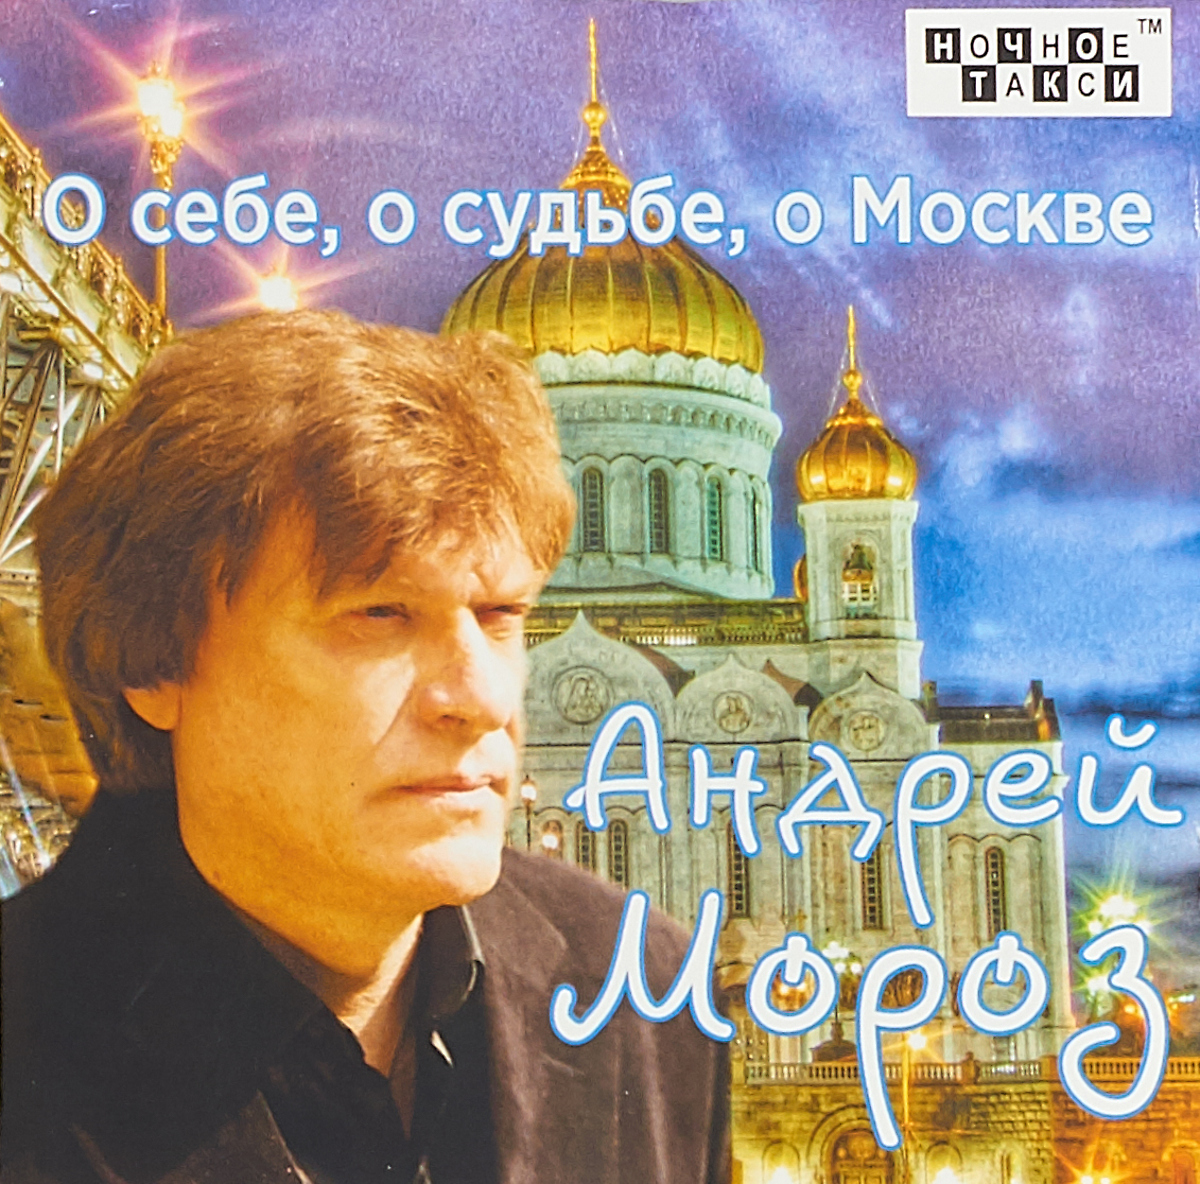 Андрей Мороз Андрей Мороз. О себе, о судьбе, о Москве туристический рюкзак camelbak 62223